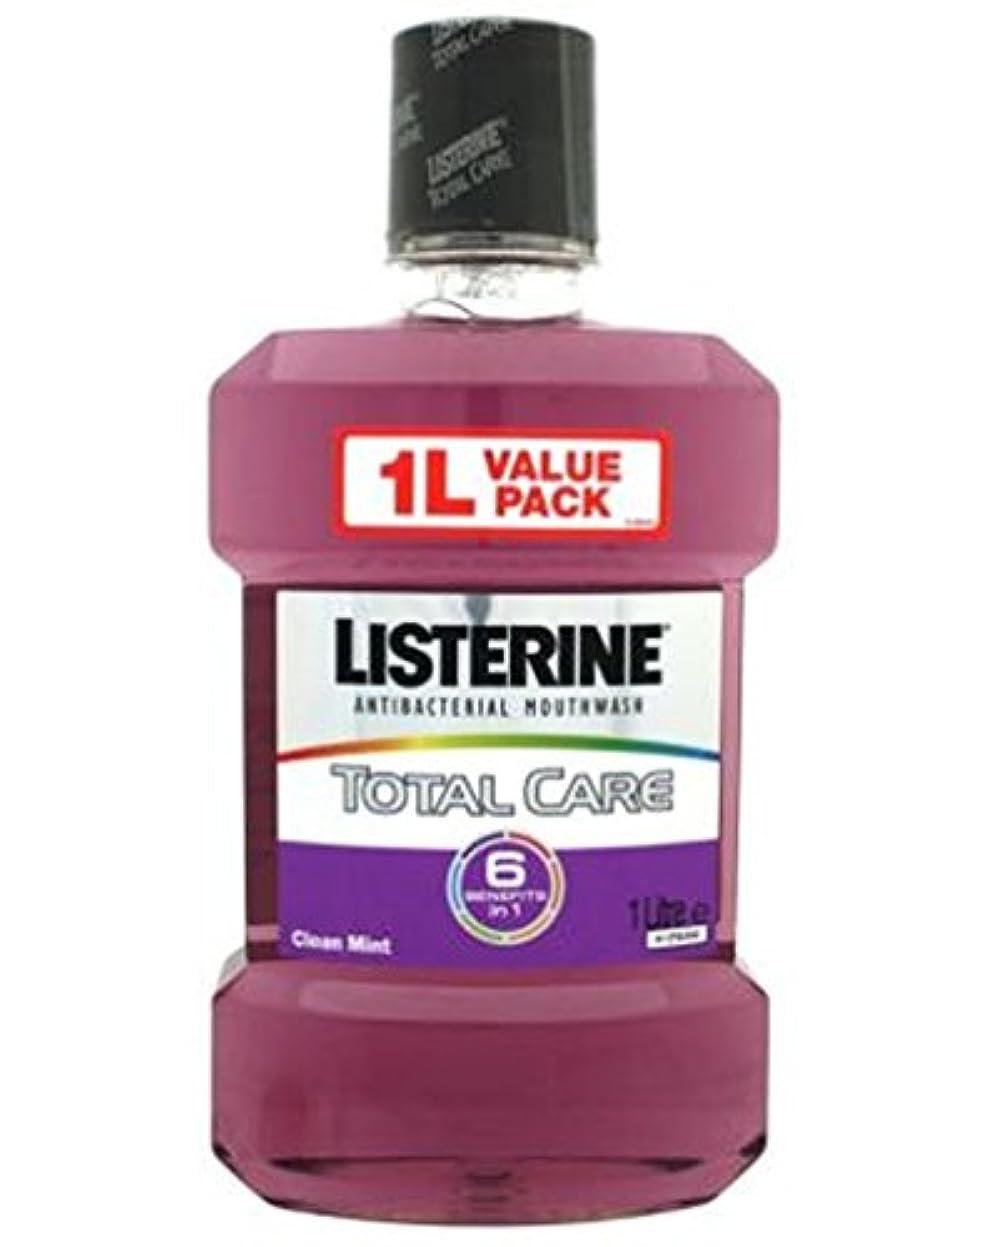 砂漠植物の慣れるリステリン(LISTERINE) トータルケアマウスウォッシュ1リットル[並行輸入品]